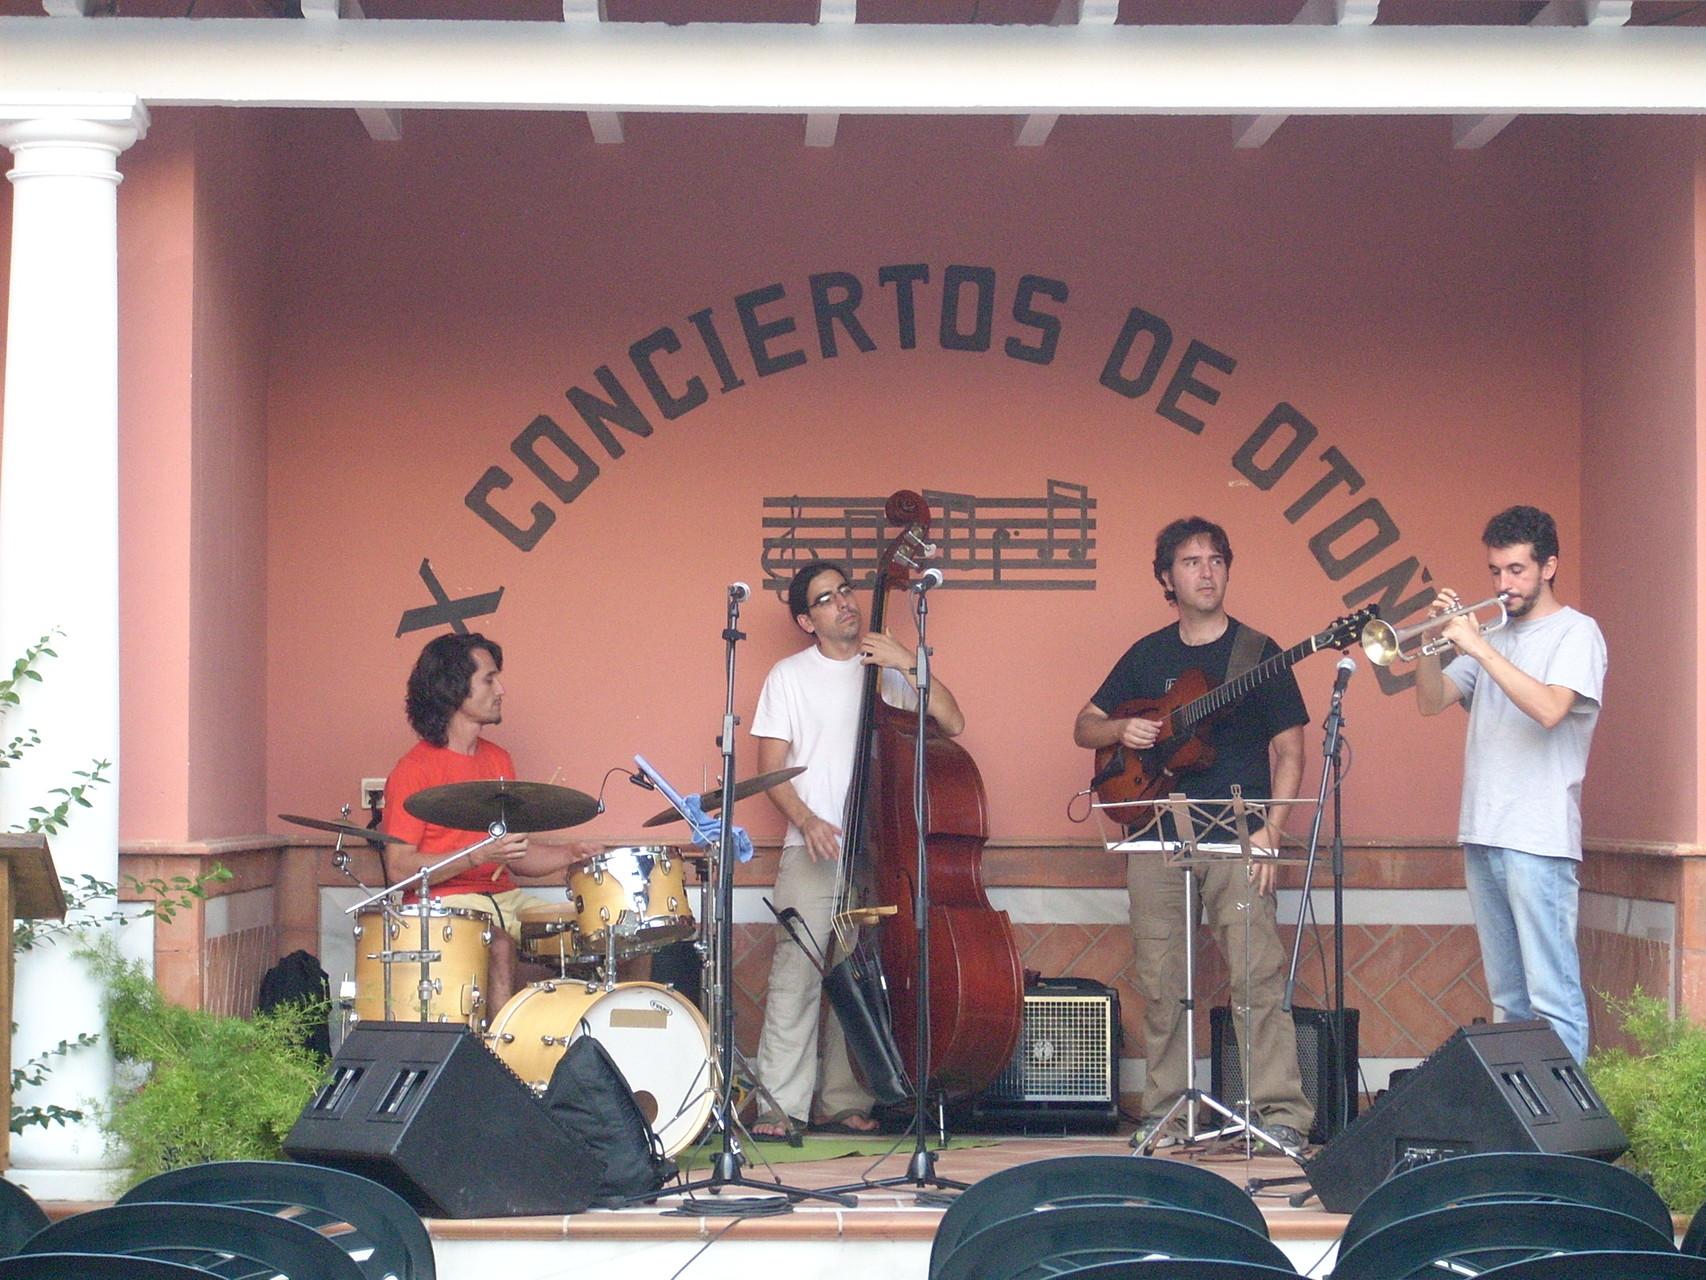 QUINTETO CIRCUITO ANDALUZ DE MUSICA. ATARFE GRANADA. VERANO 2010